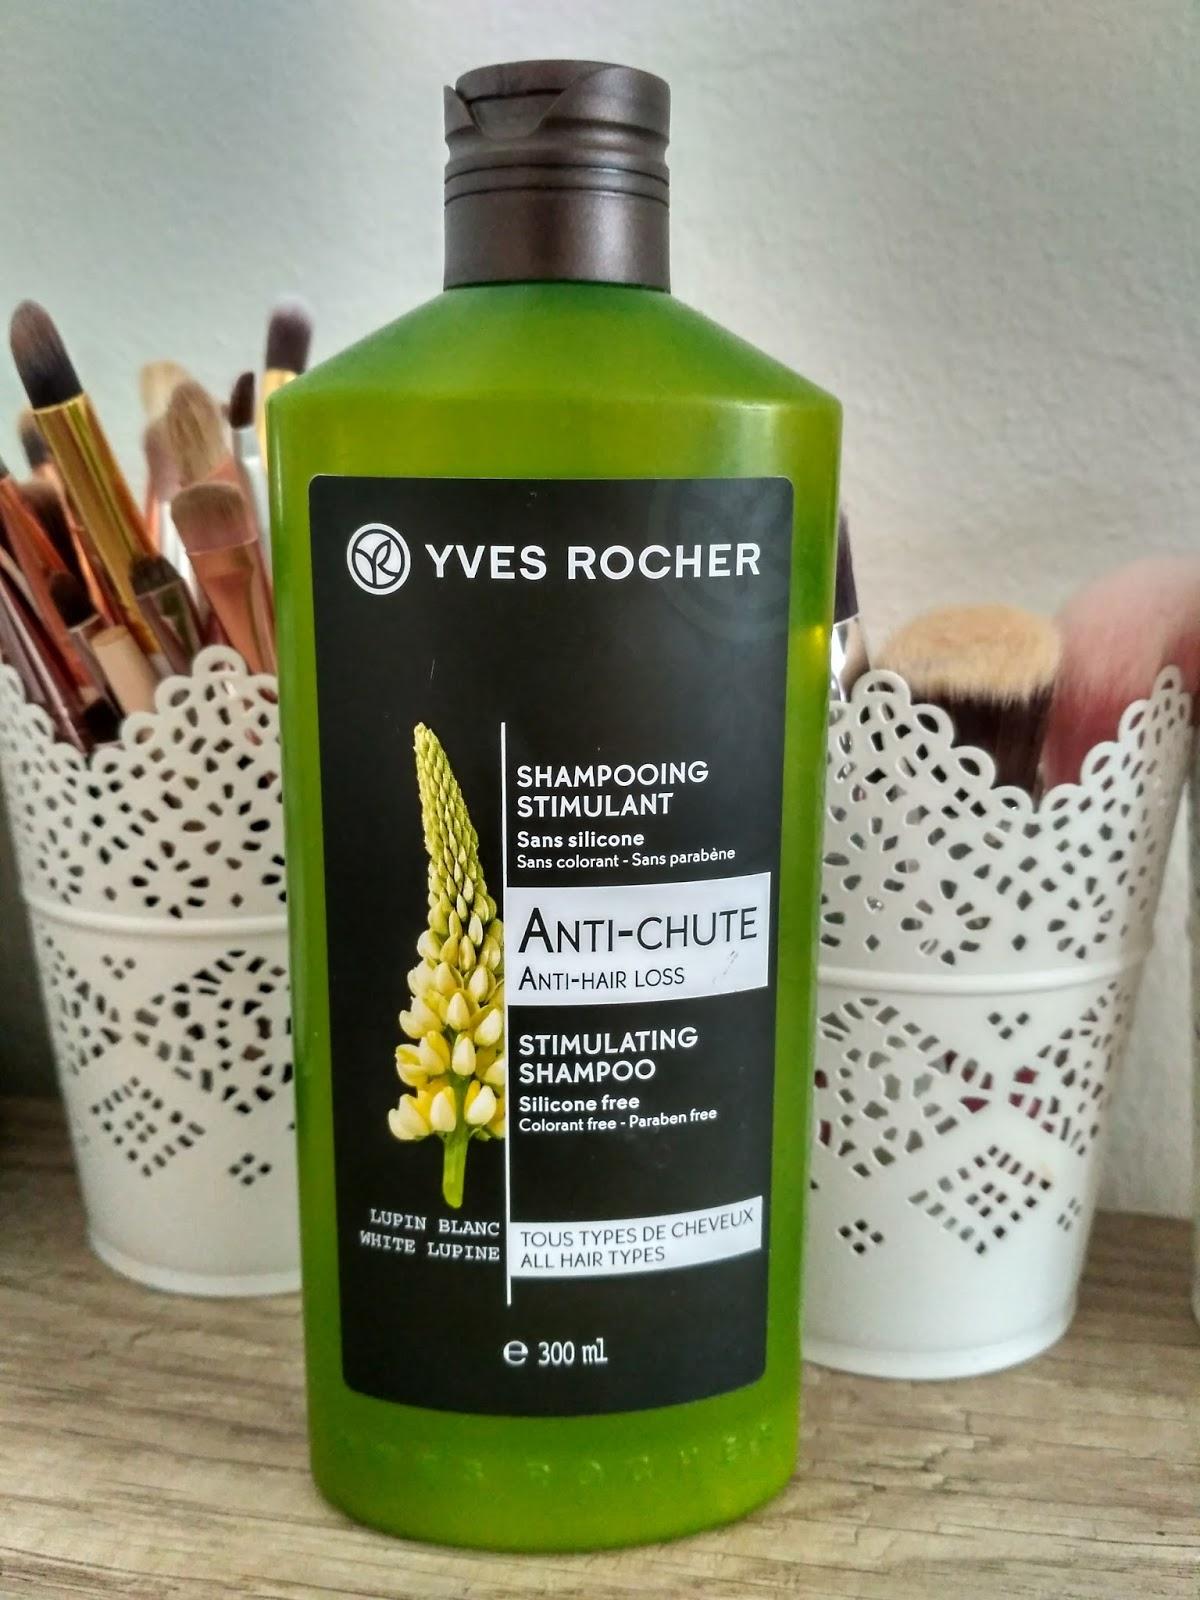 Yves Rocher šampón pre rast vlasov balenie aed46005a3f